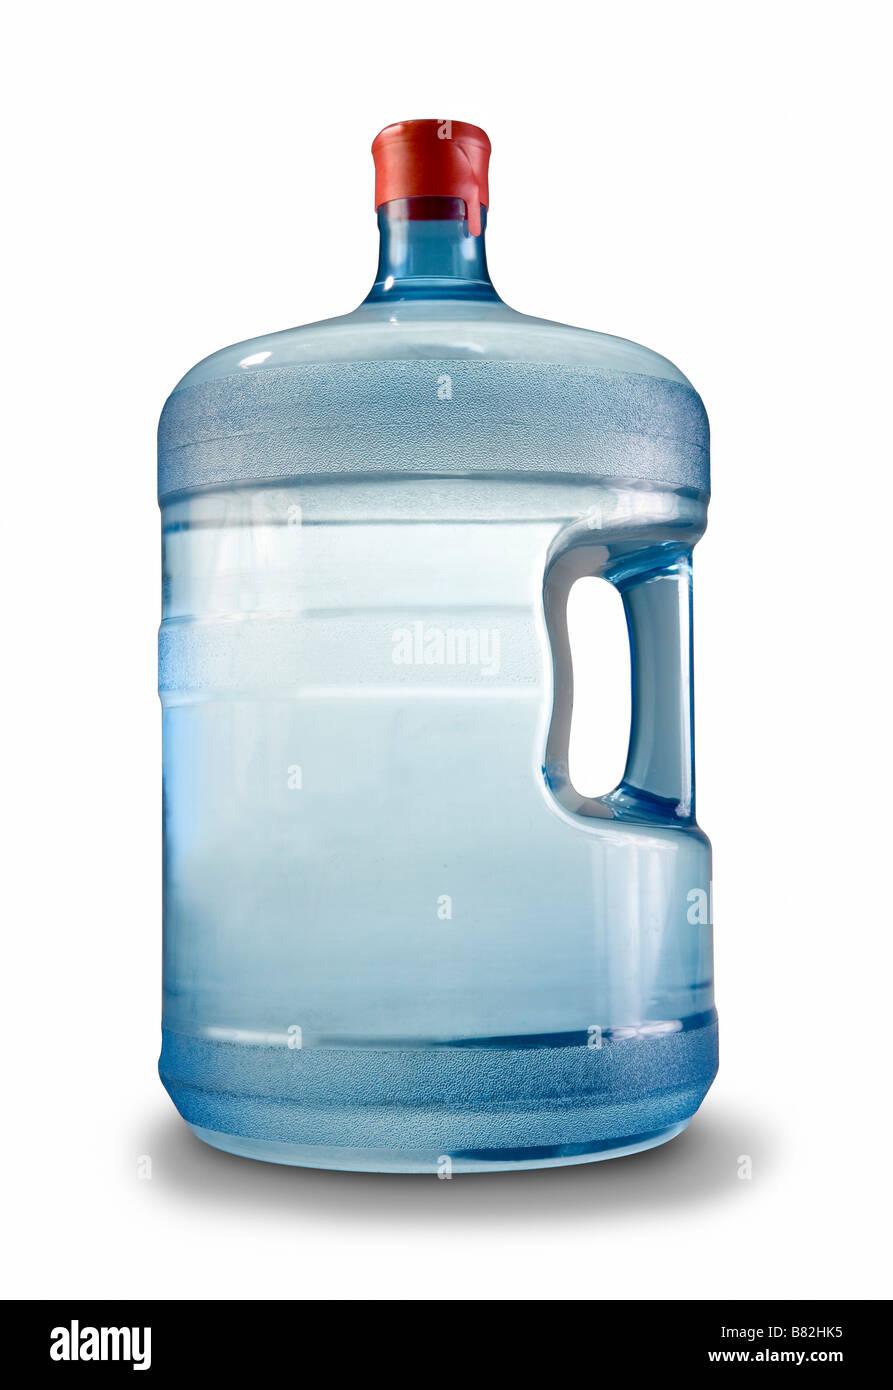 Ein 5-Gallonen Wasserkrug des Frühlings oder gereinigtes Wasser von einem kommerziellen Unternehmen Stockbild